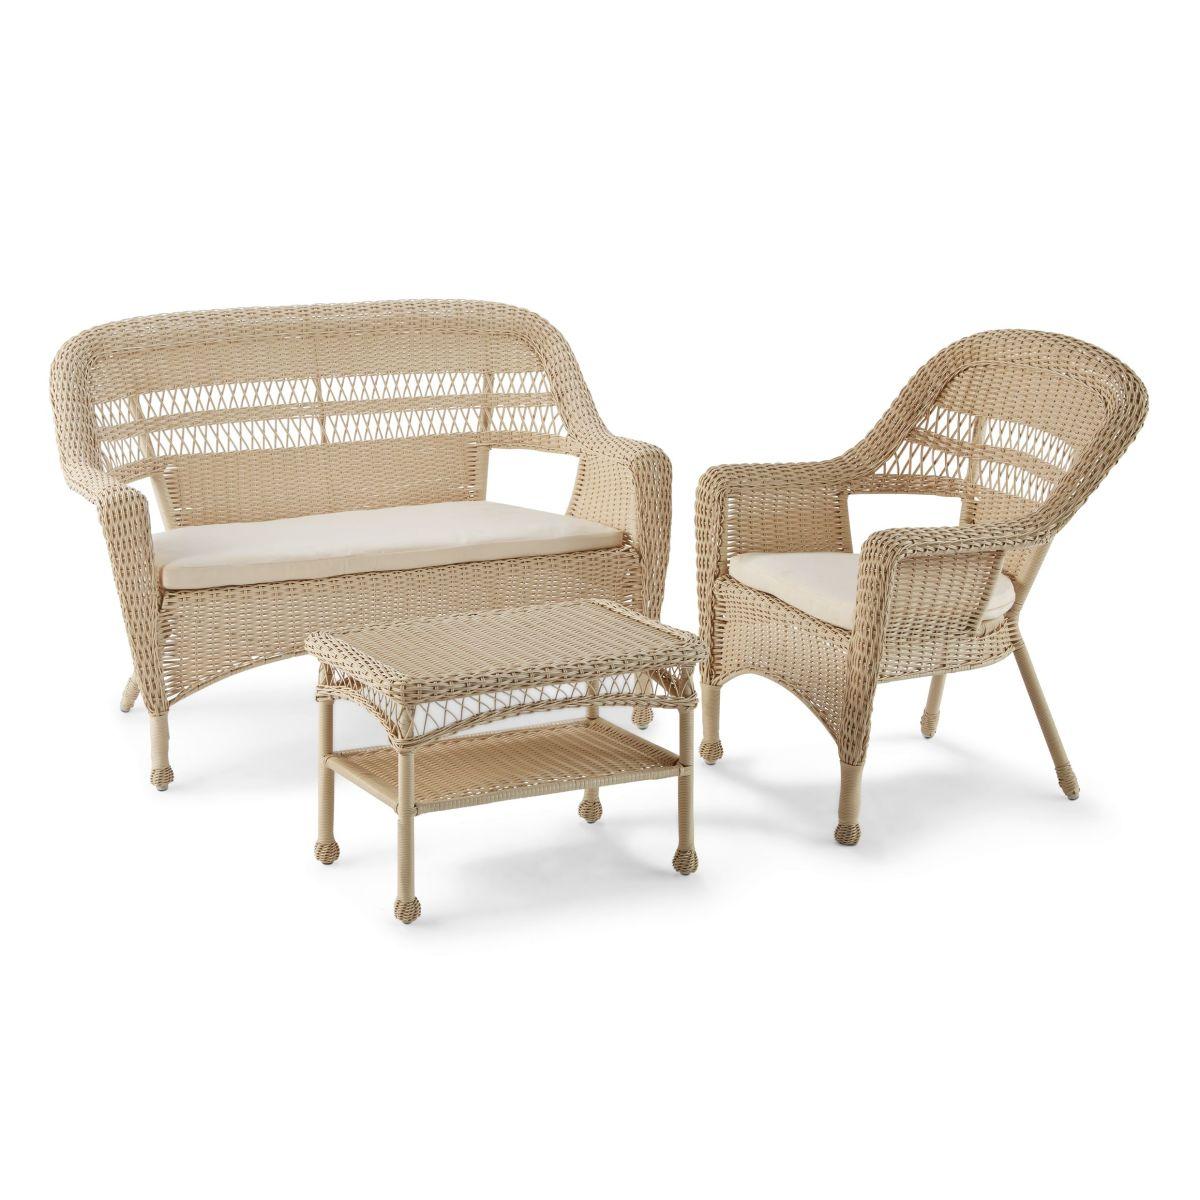 Gartenmöbel-Set, 4-tlg. Lavy